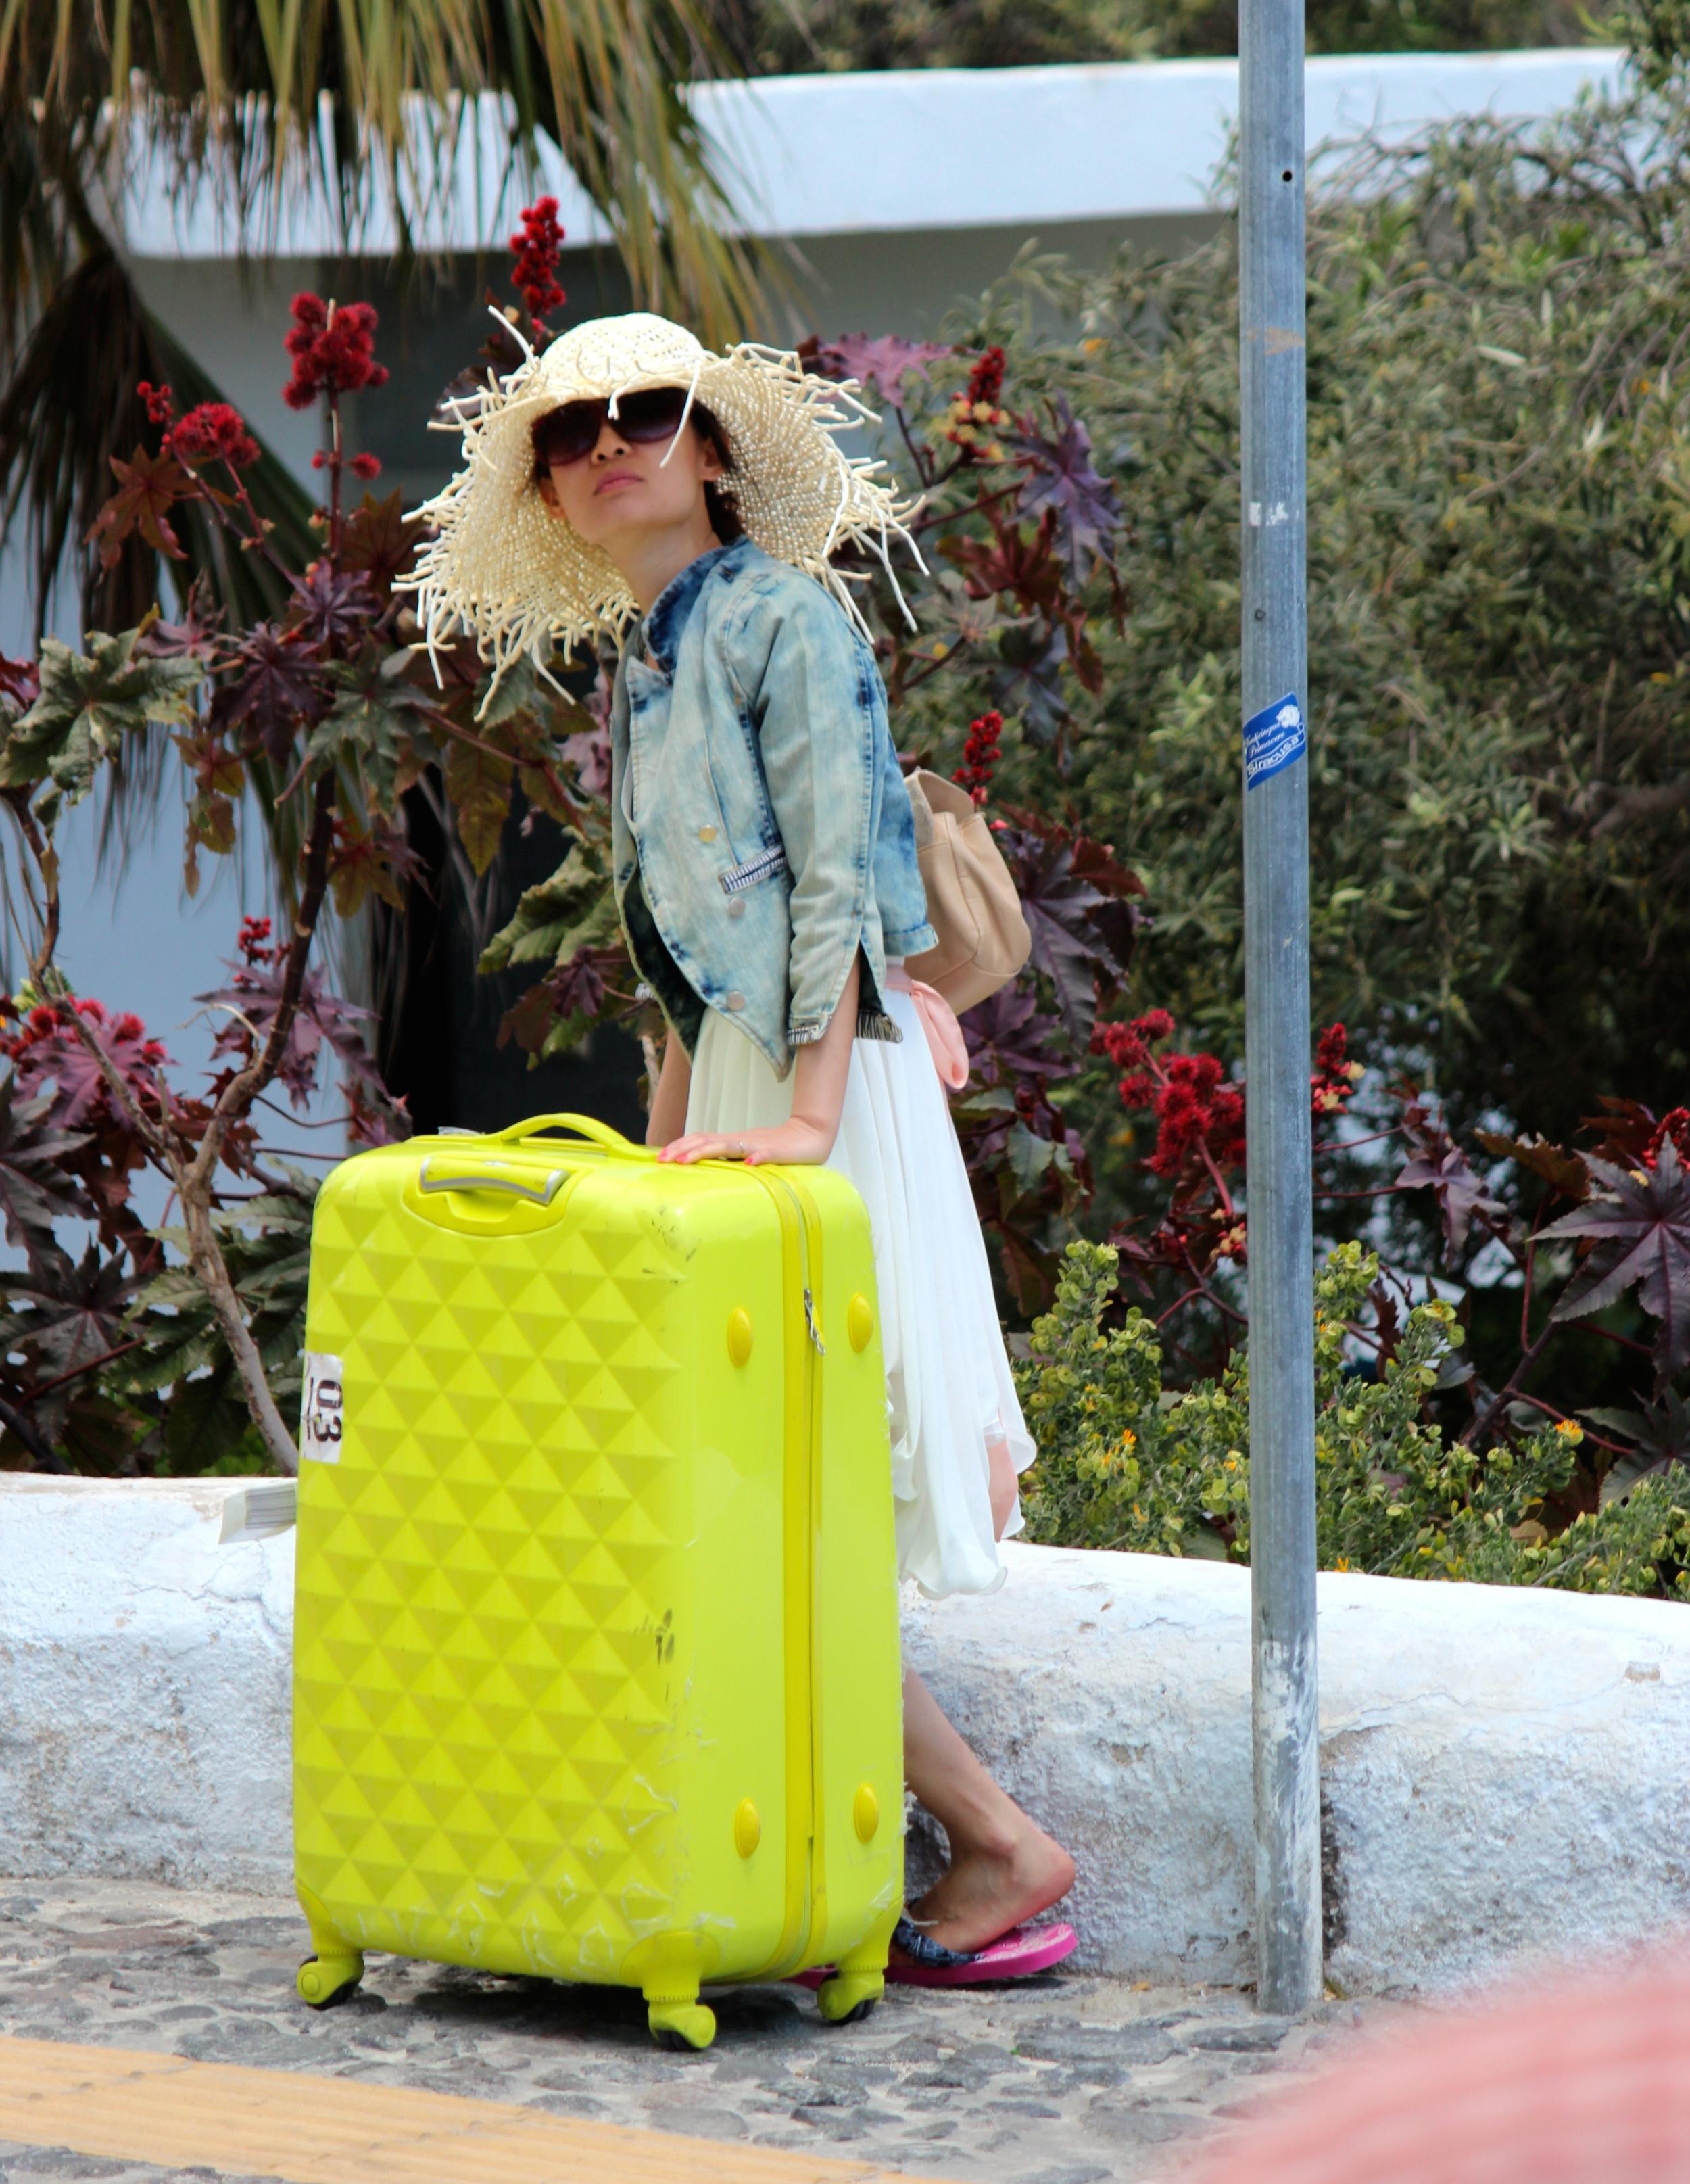 yellow suitcase girl.jpg